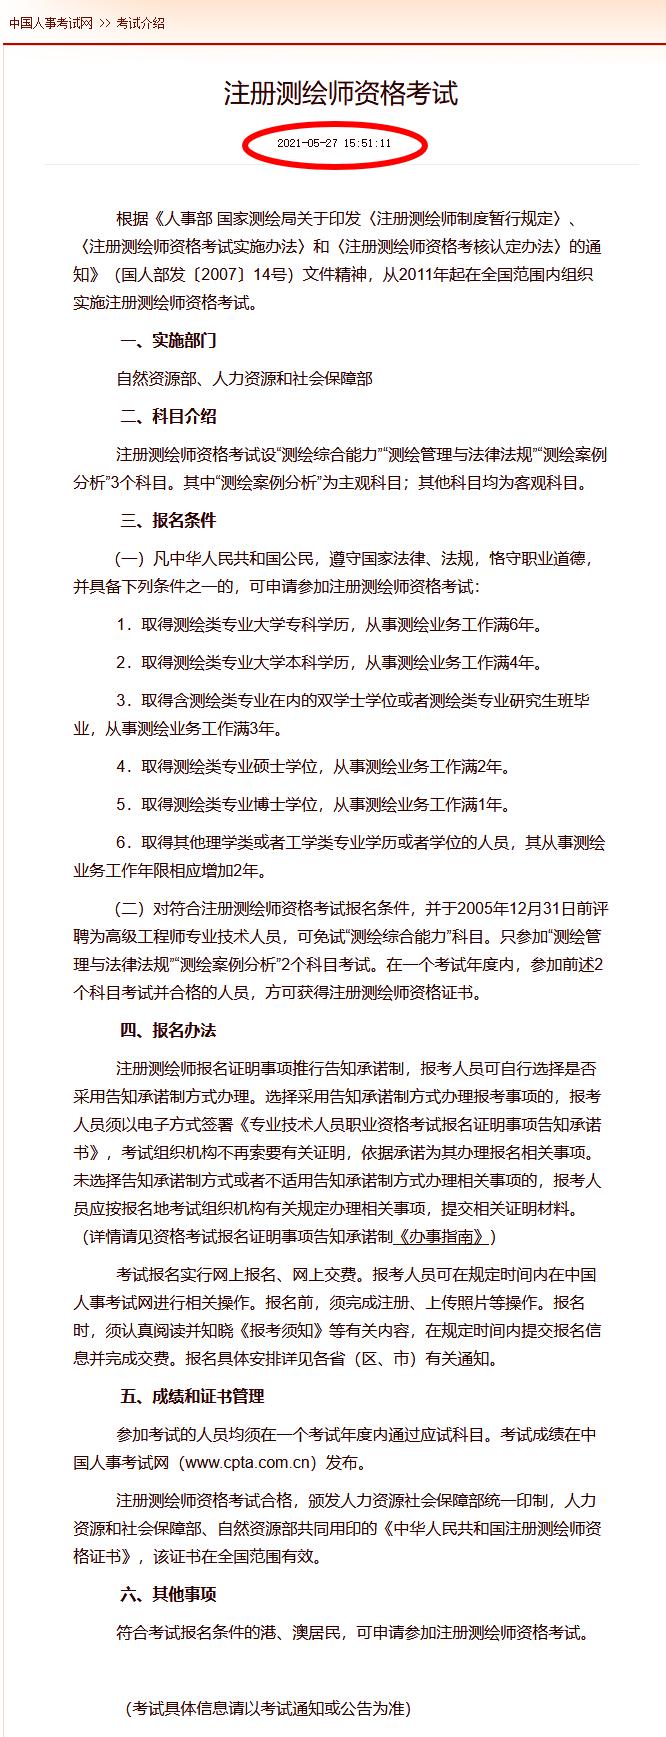 分析今日中国人事考试网发布注册测绘师资格考试介绍